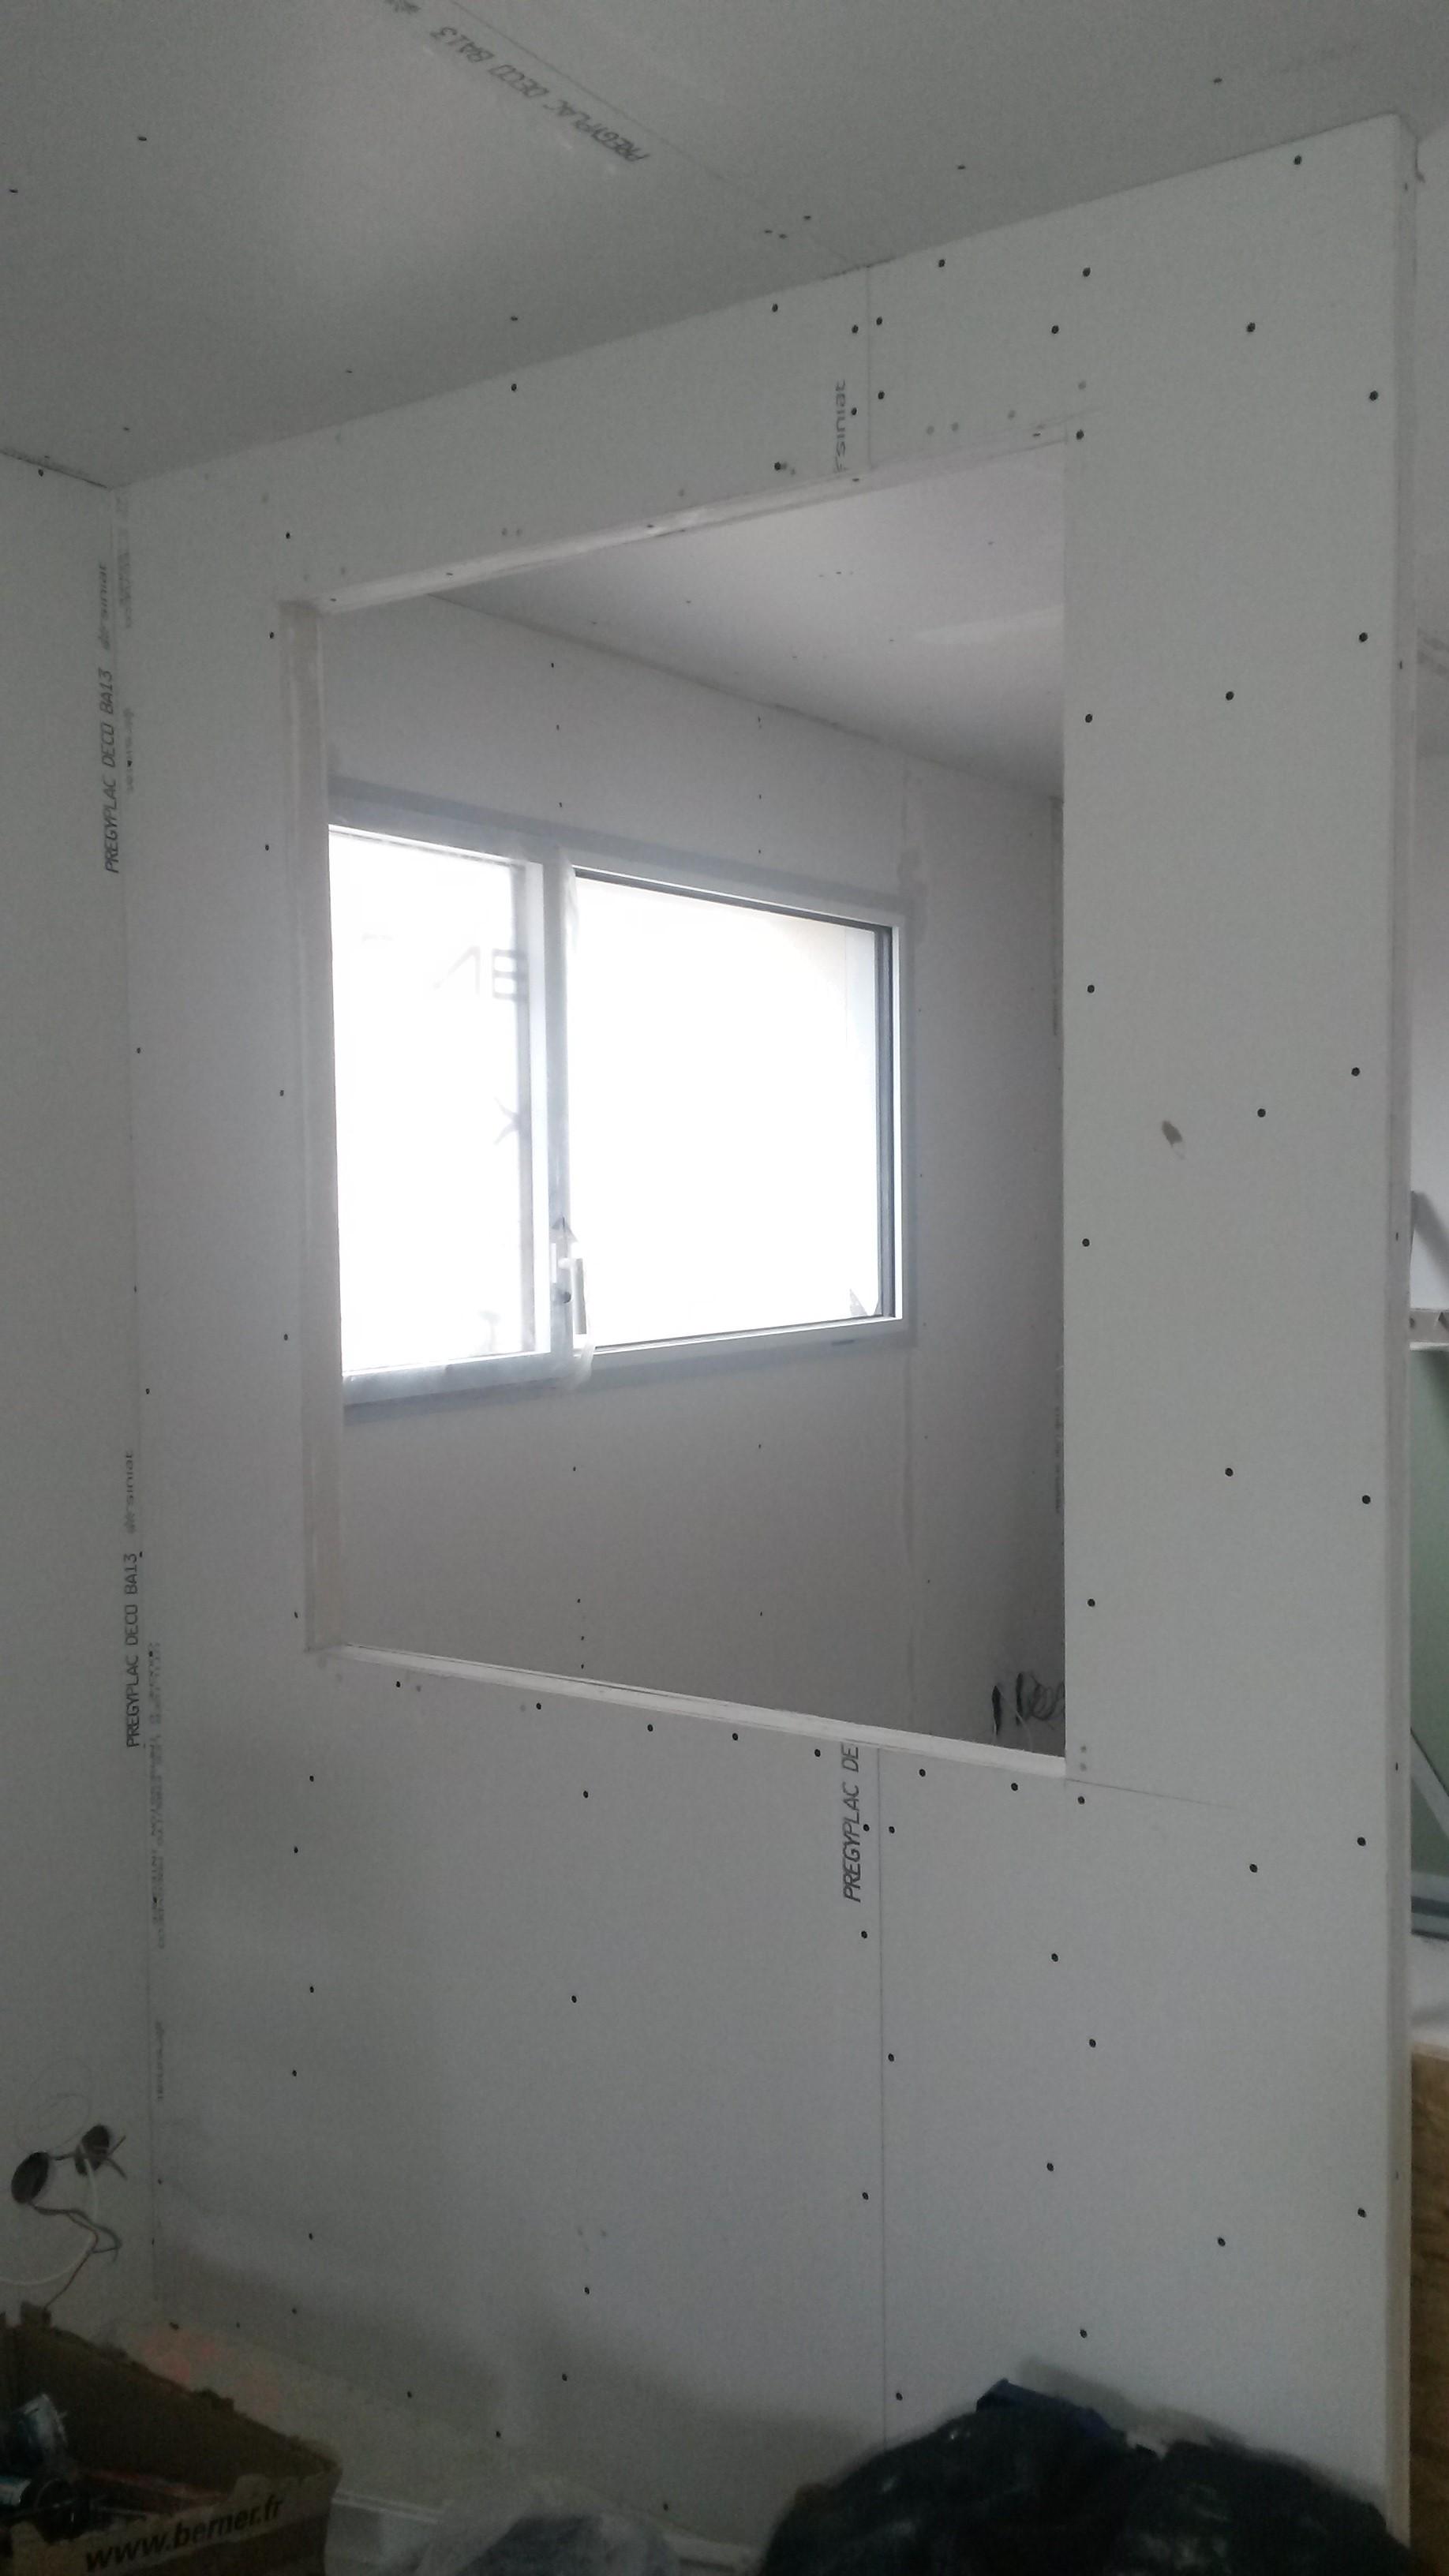 Faire une verrire intrieure style atelier pas cher  Construction de notre maison RT2012